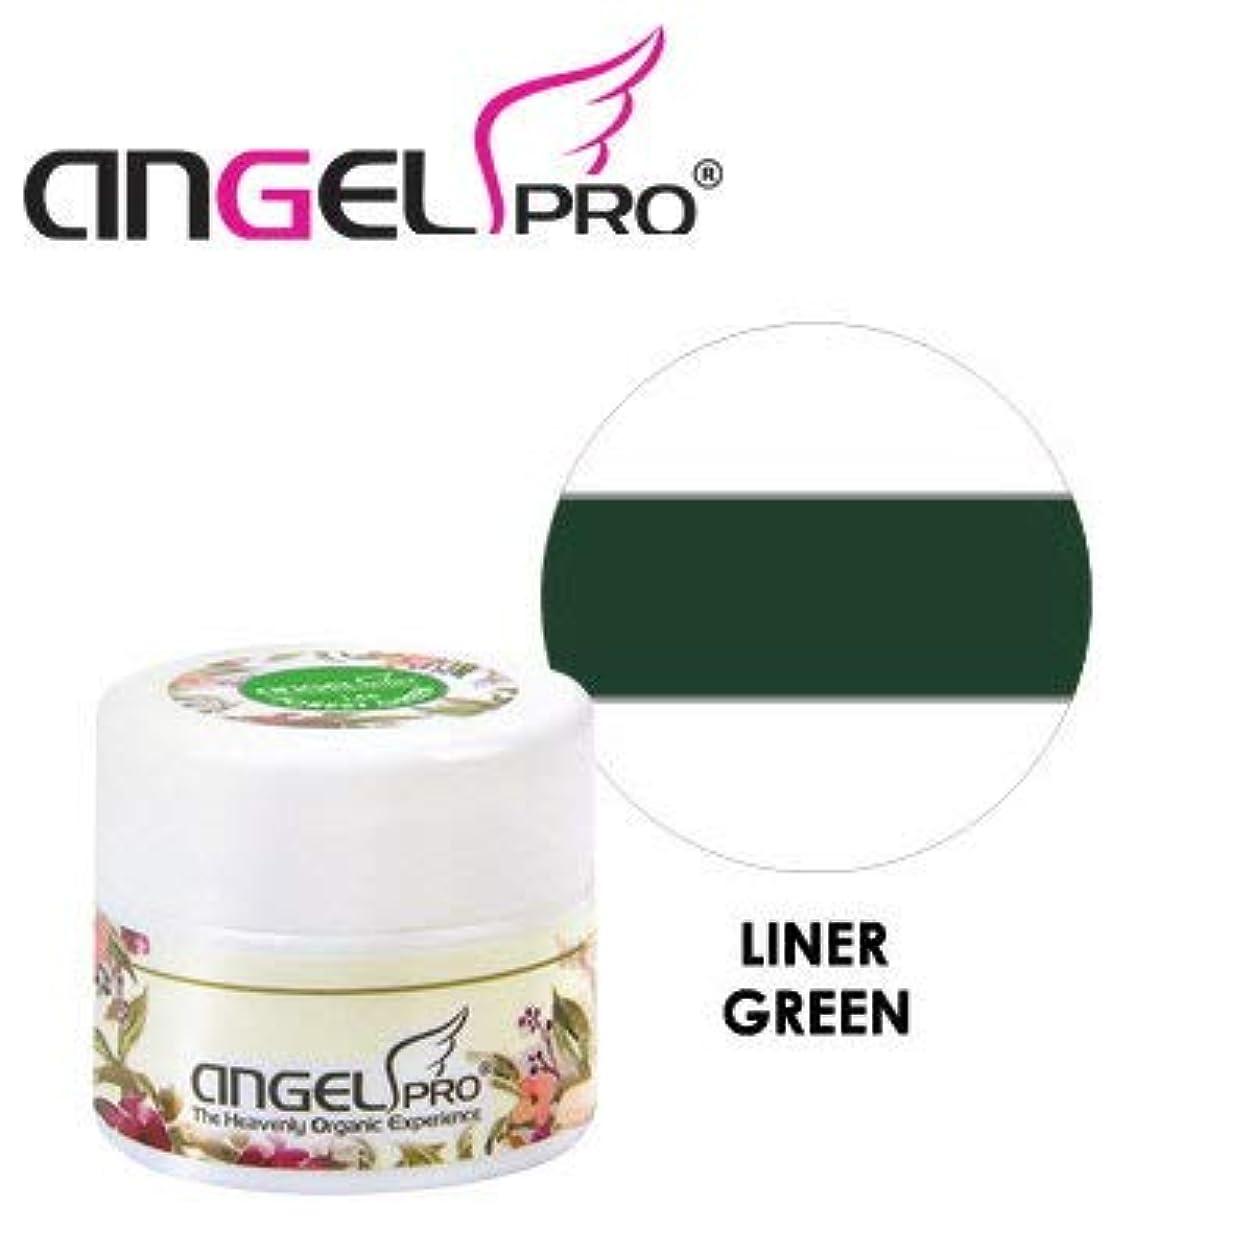 夫婦弁護士検査官ANGEL PRO ポットジェリー LINER GREEN 4g